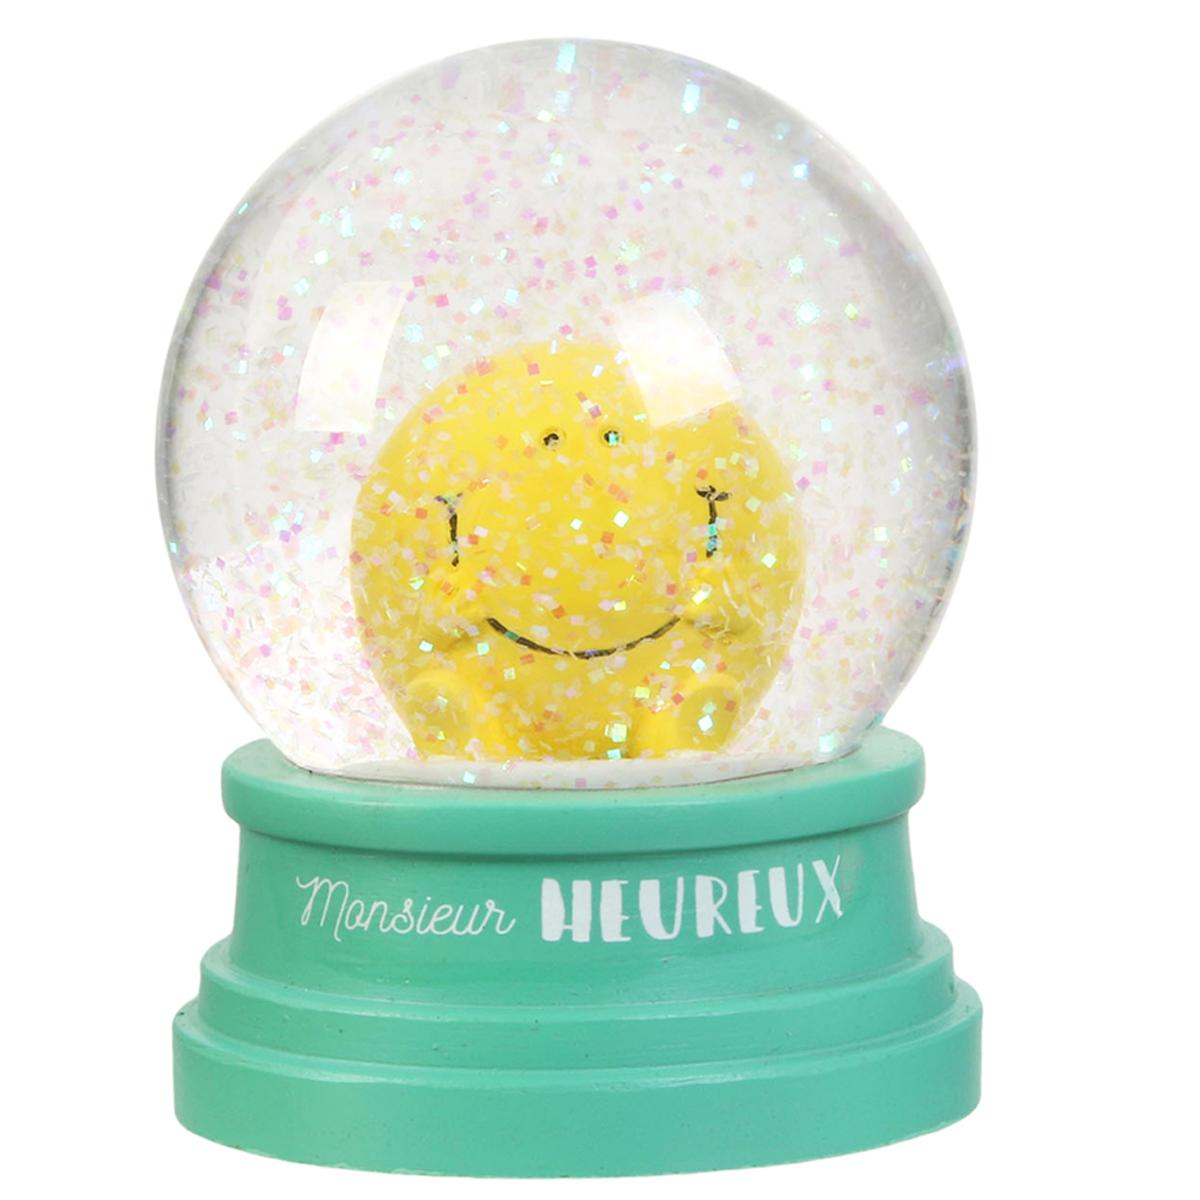 Boule de neige \'Monsieur Madame\' vert (M Heureux) - 10x75 cm - [R0050]